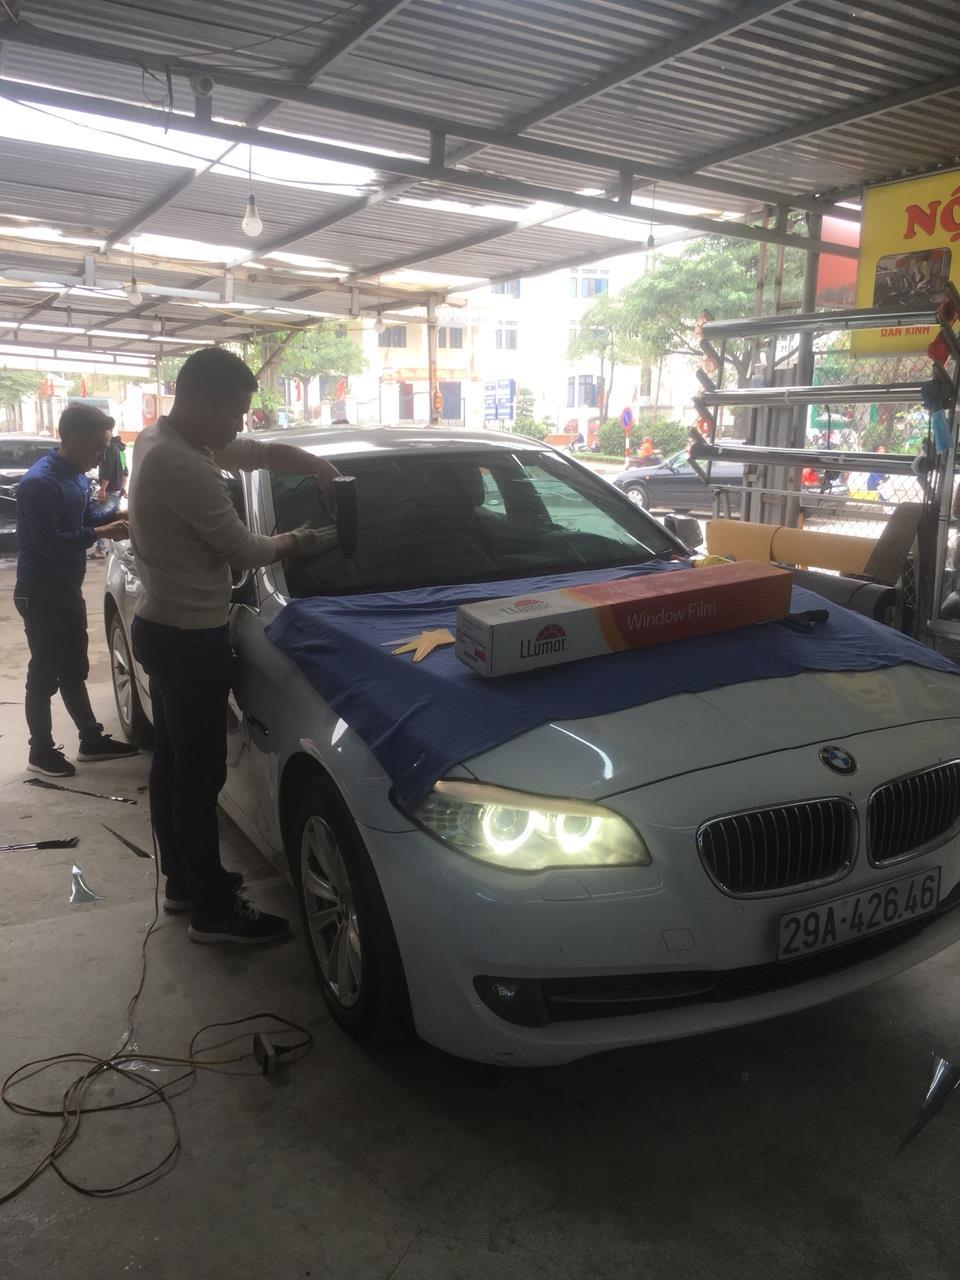 DÁN PHIM CÁCH NHIỆT 3M XE BMW